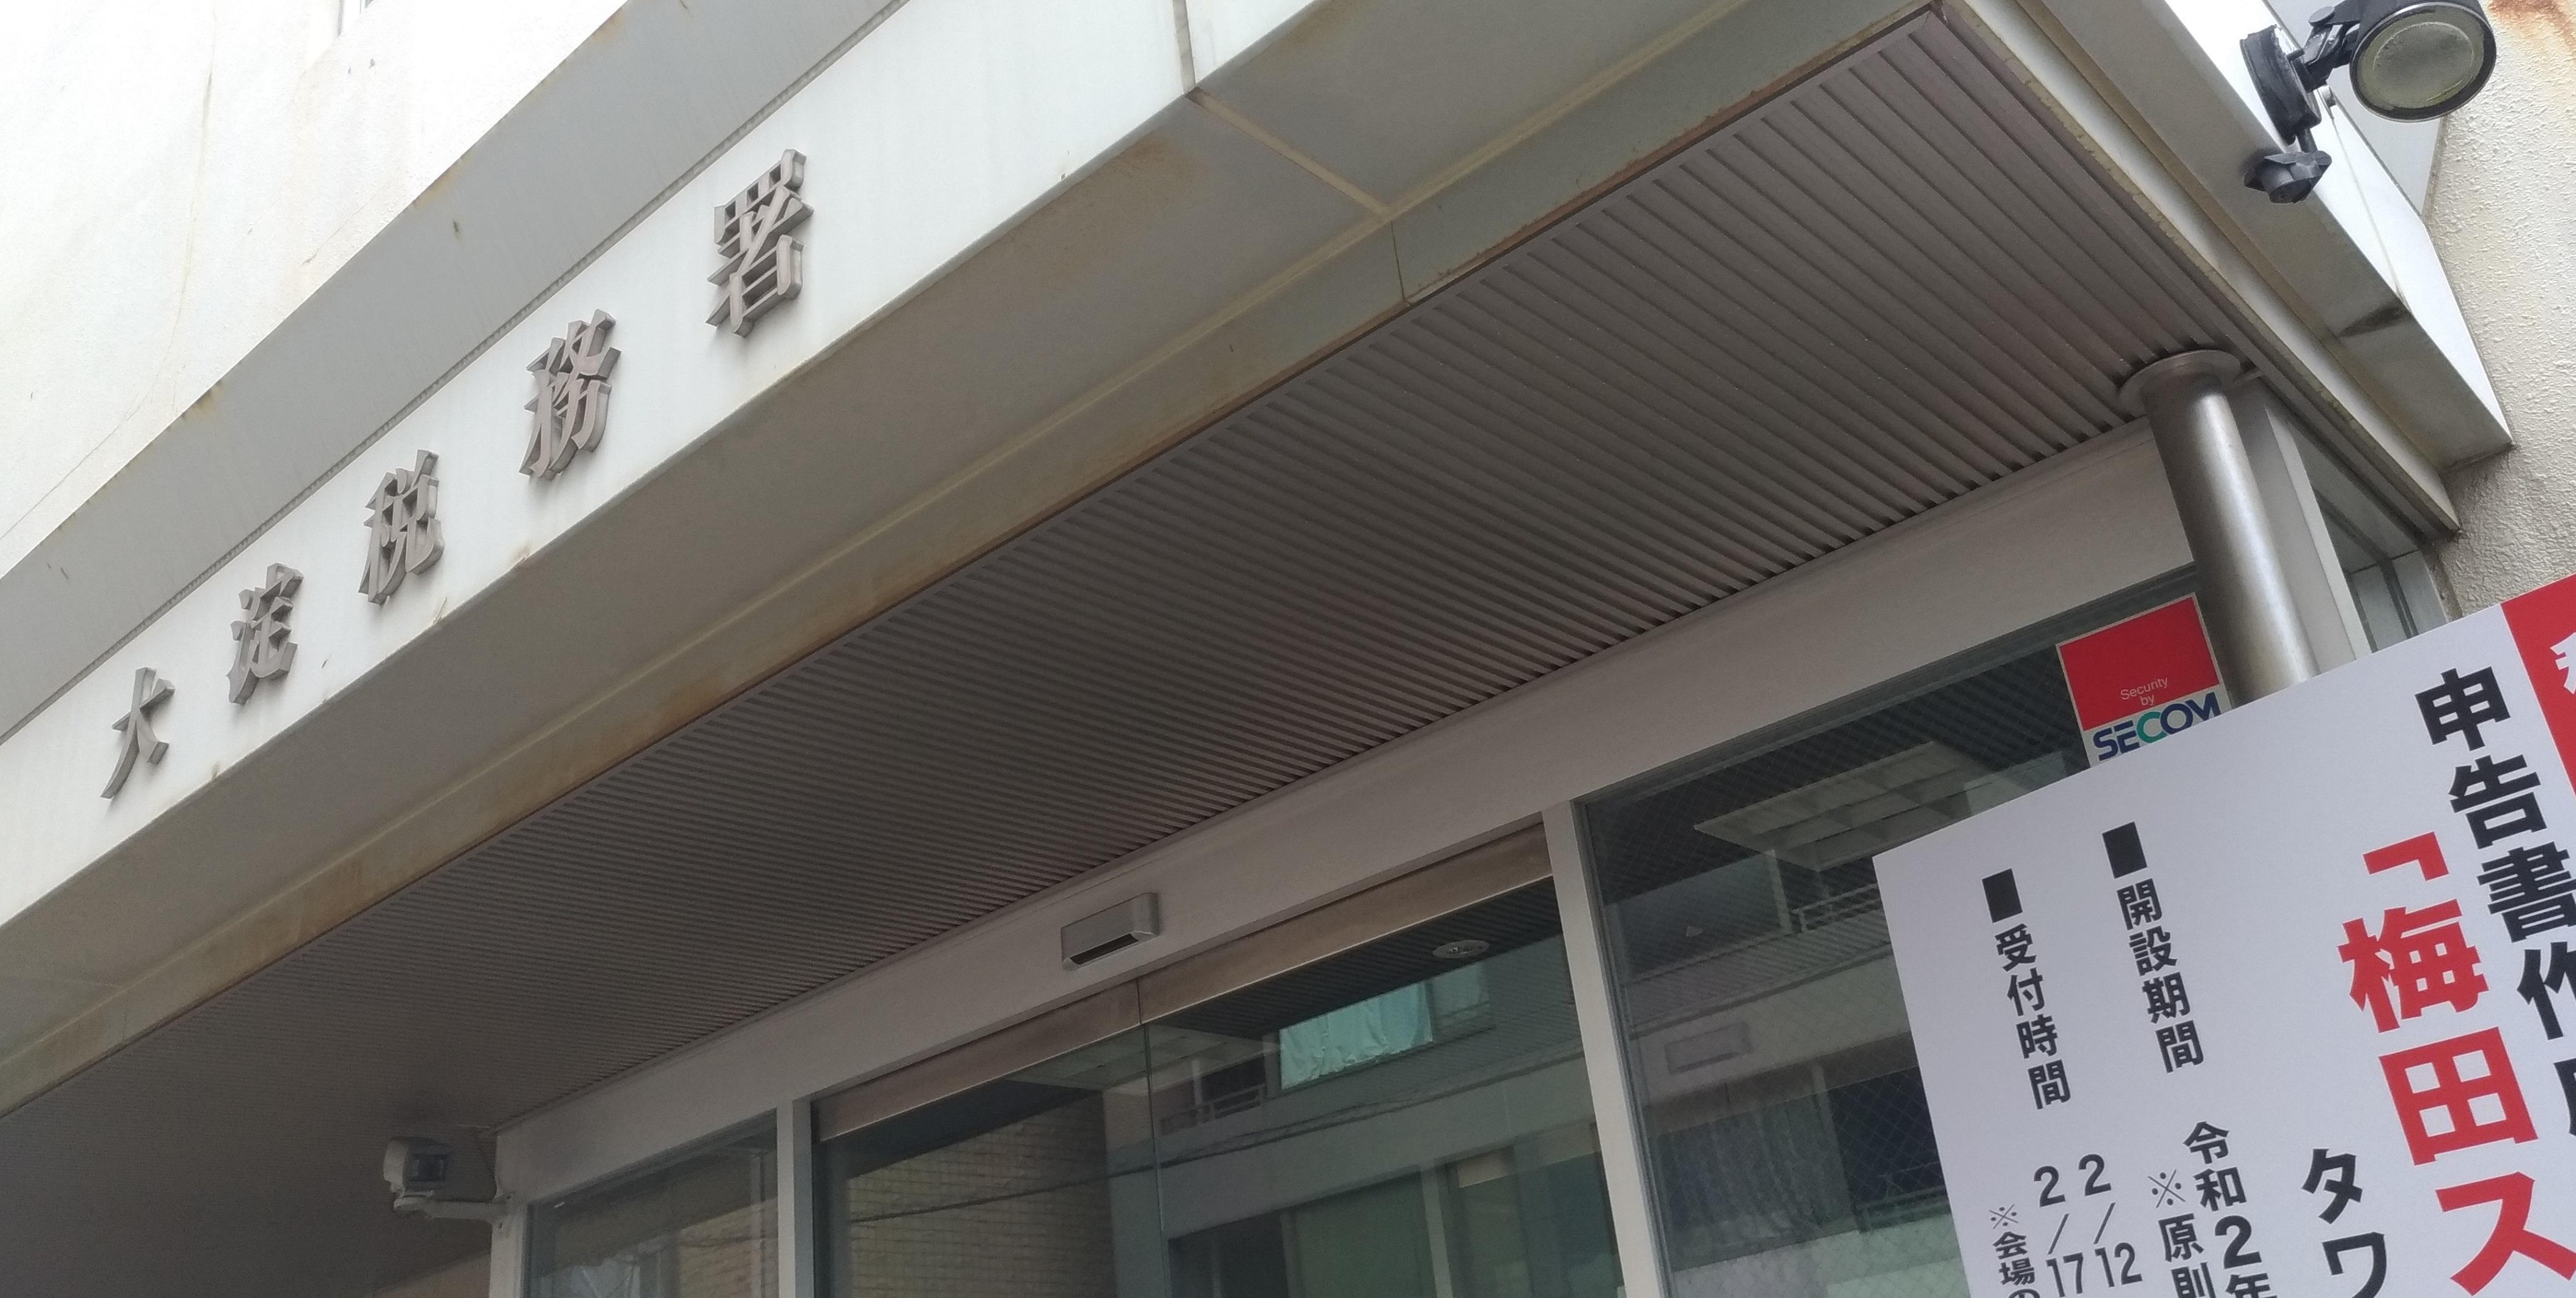 kakutei_shinkoku2020_.jpg